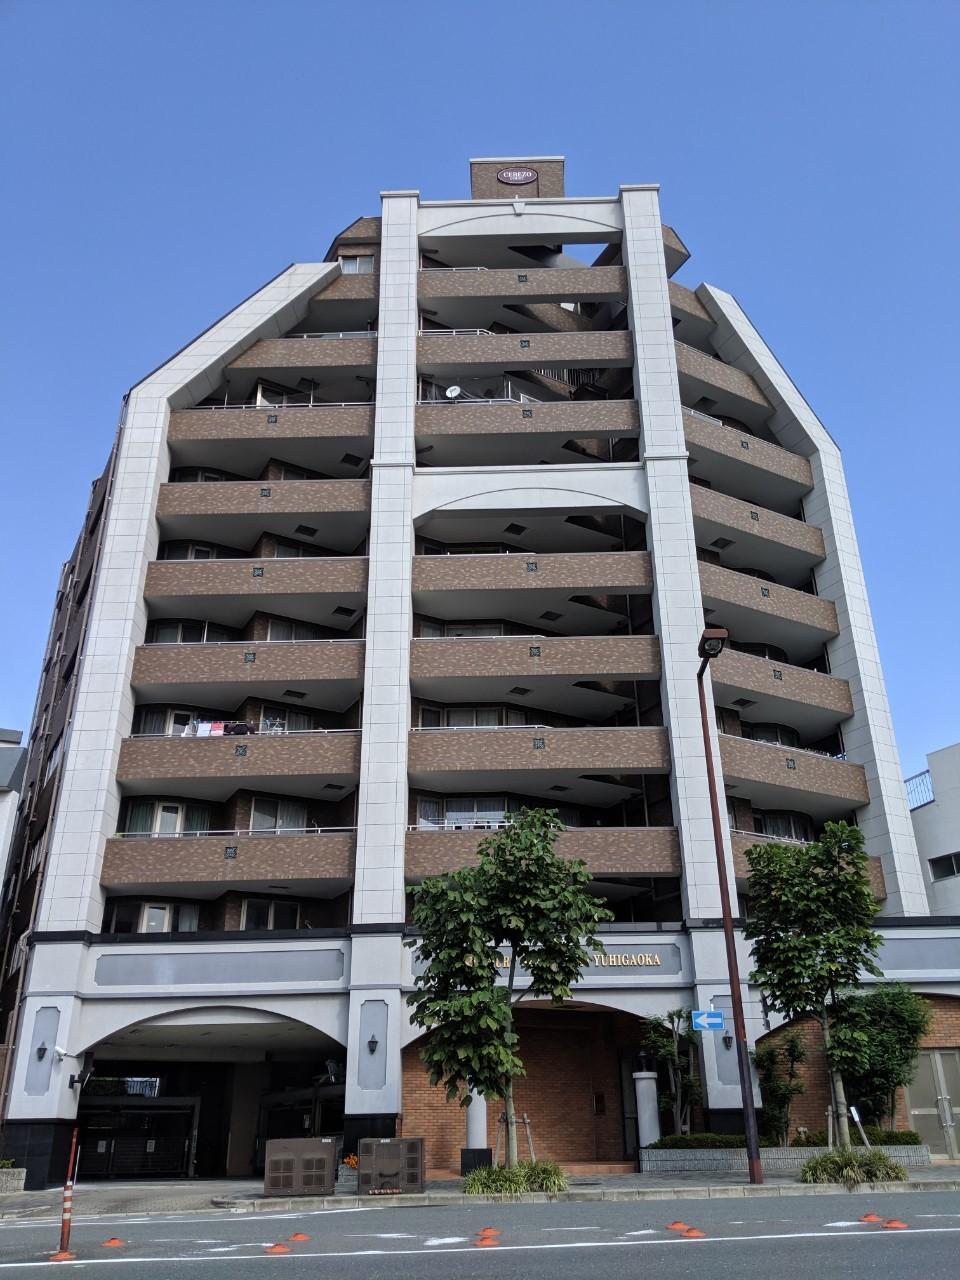 日本大阪天王寺区四天王寺夕陽丘二手公寓